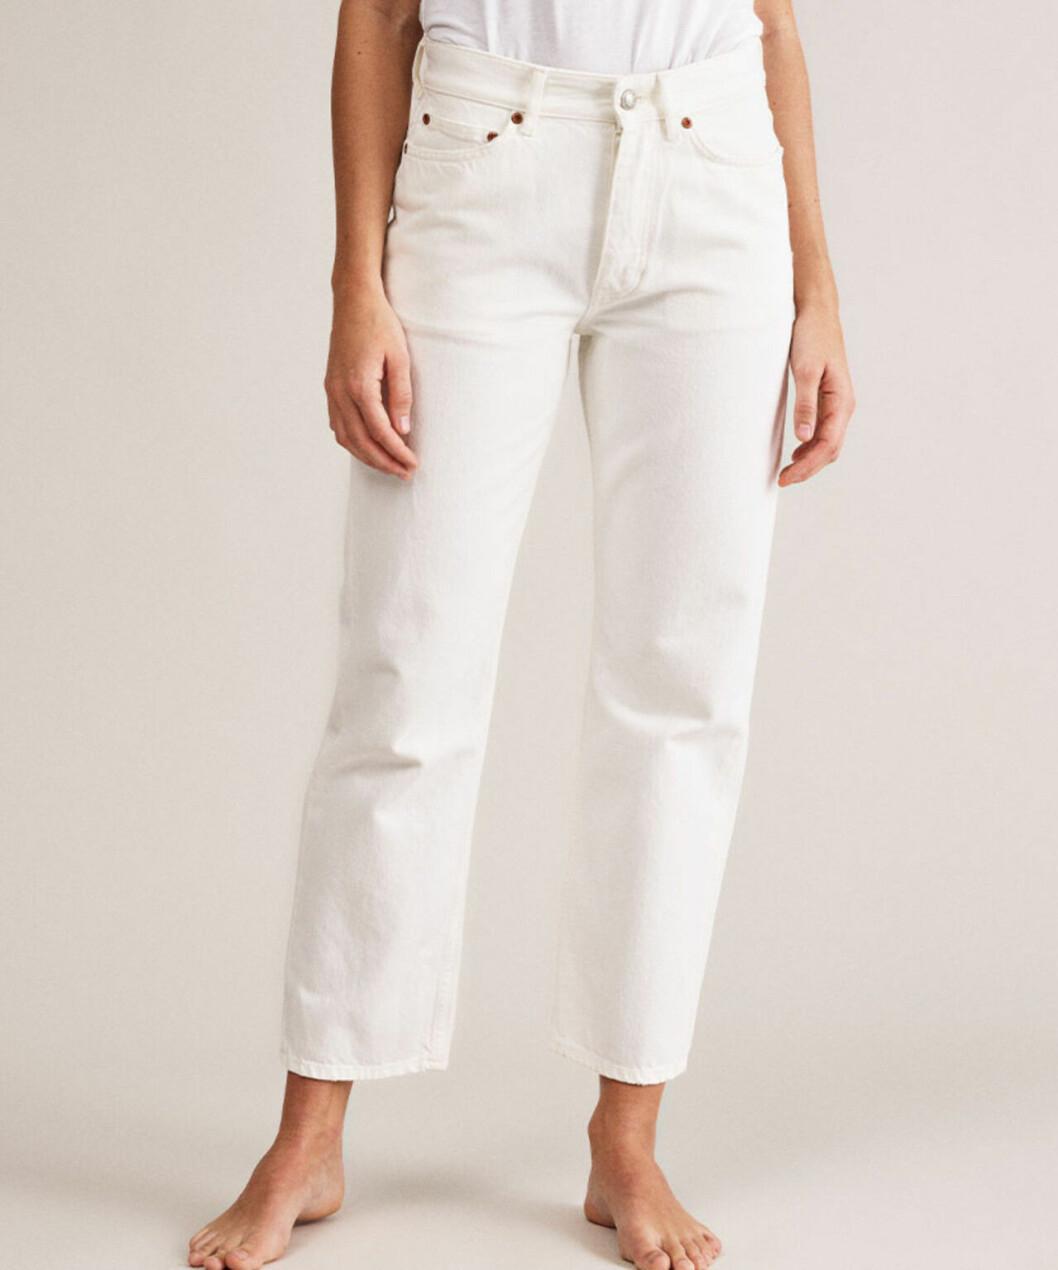 Vita jeans från Won hundred för dam